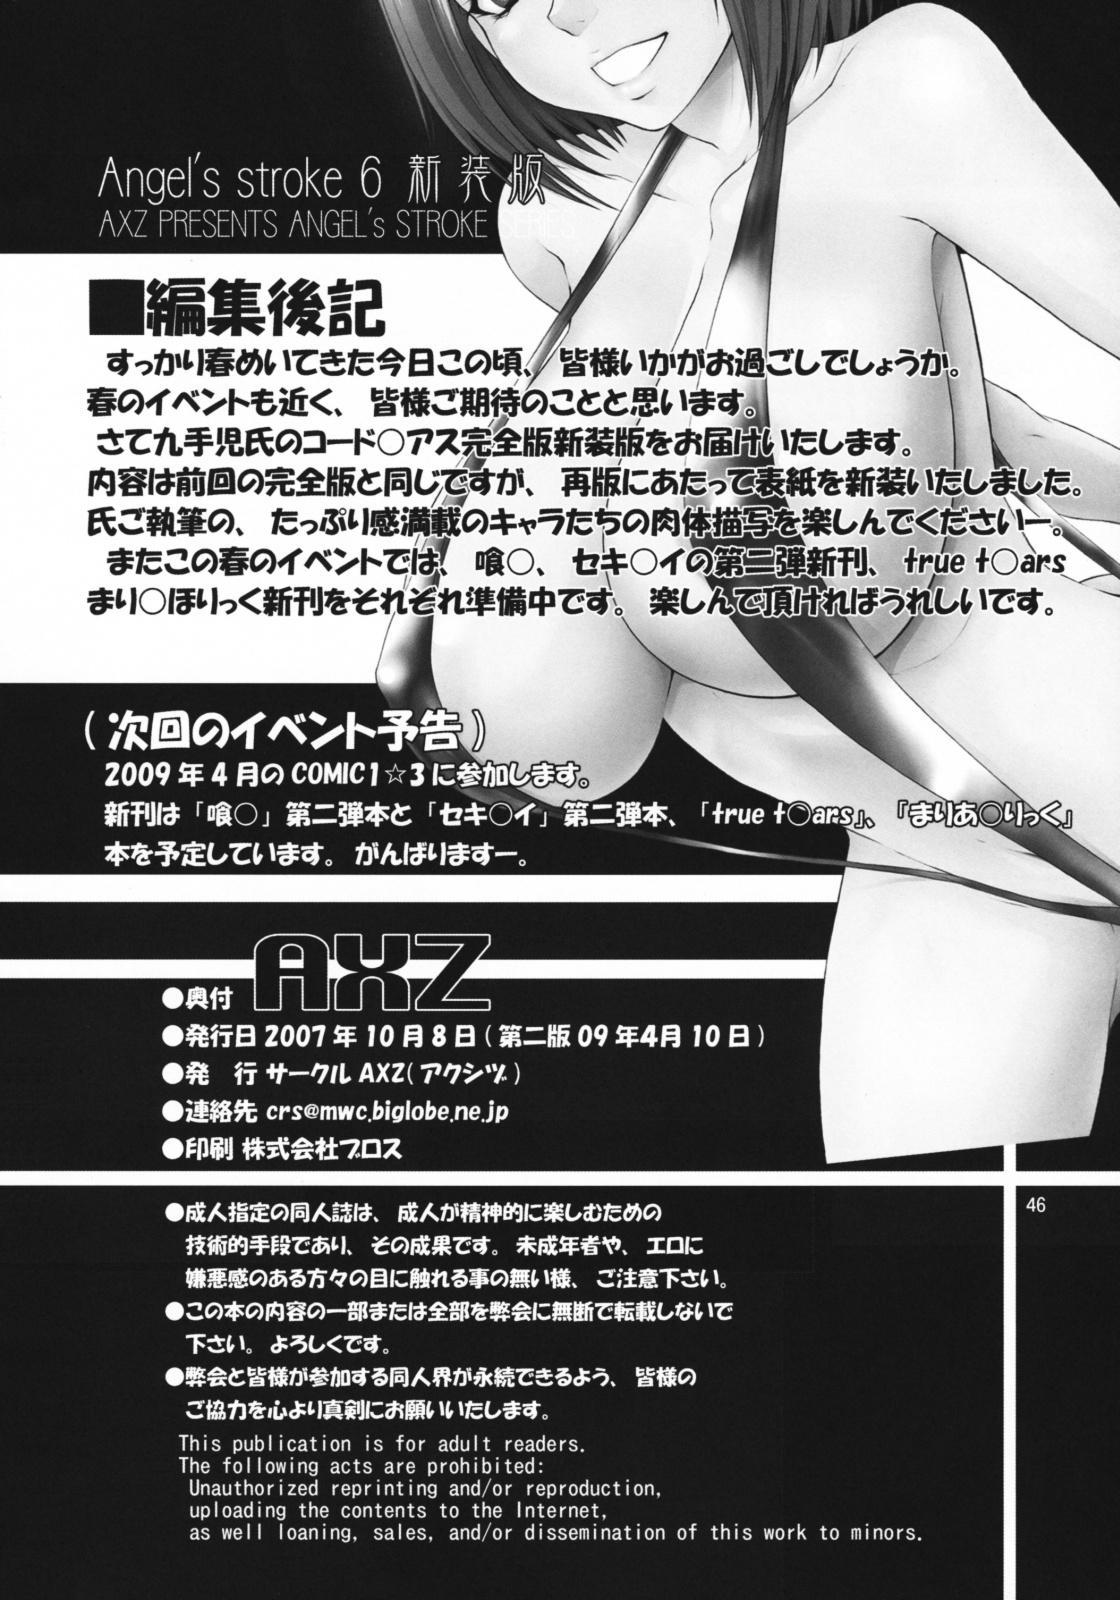 Angel's Stroke 6 - Shinsouban 46